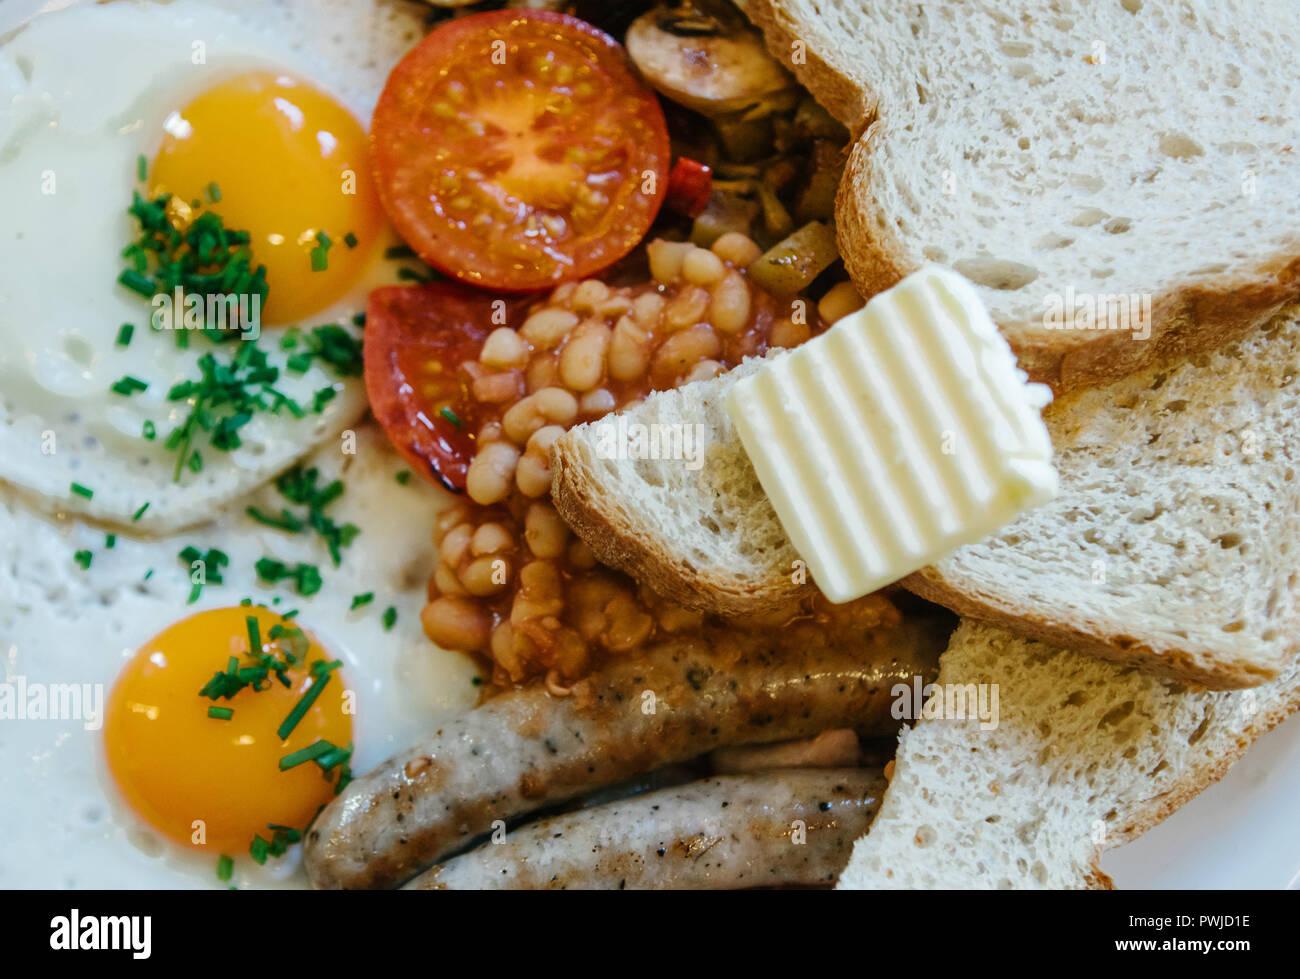 Prima colazione inglese tradizionale. Cucina nazionale. Un mondo ...